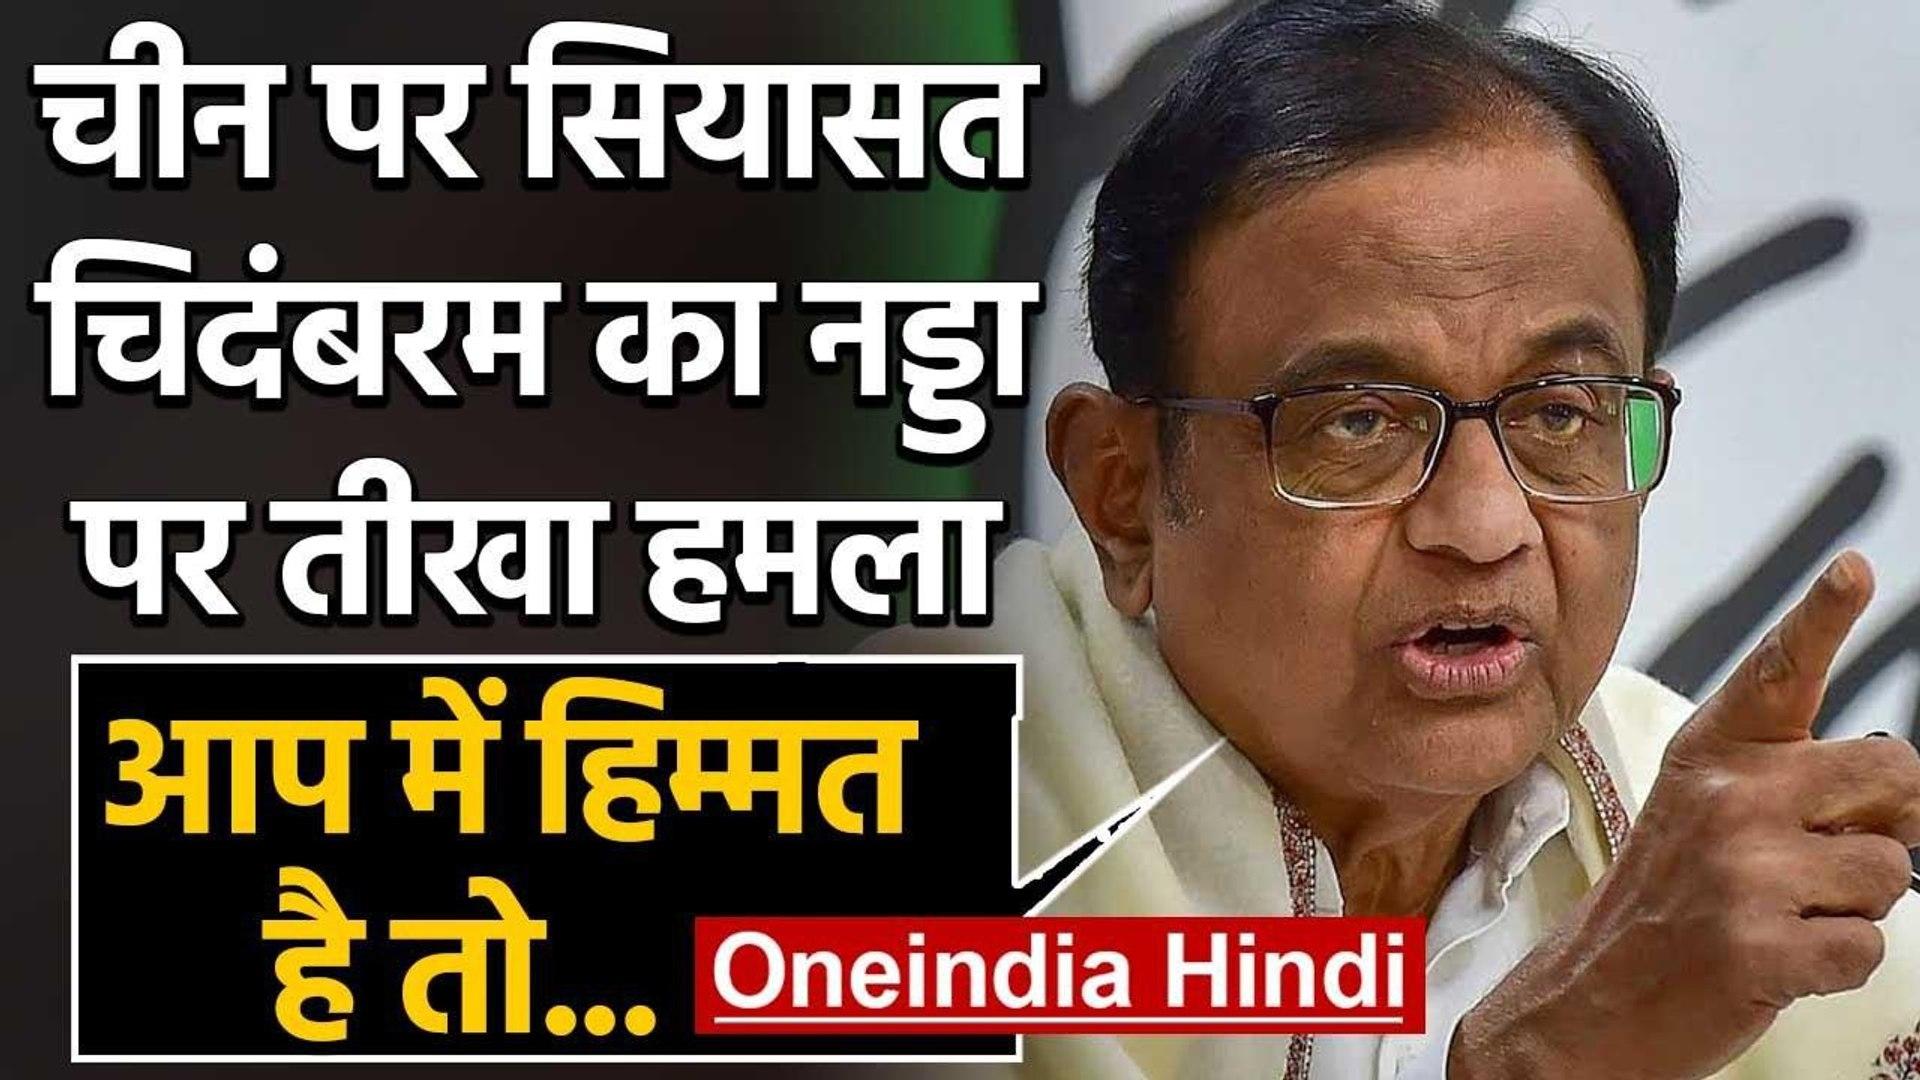 India China Tension : JP Nadda के वार पर P Chidambaram का पलटवार, कह दी ये बात | वनइंडिया हिंदी